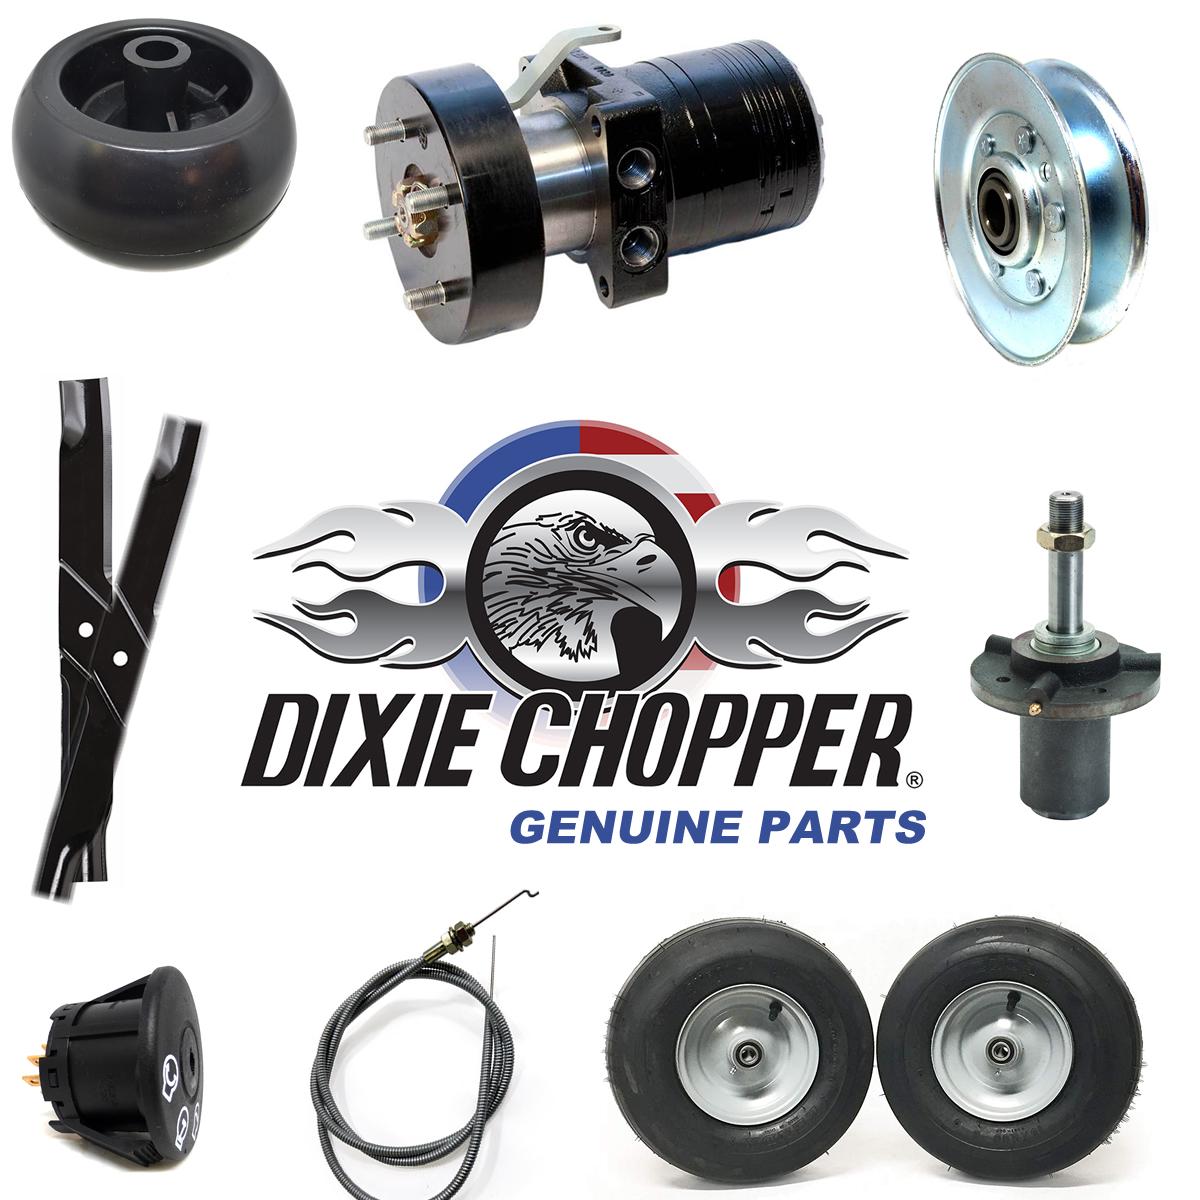 Dixie Chopper Belt-A Section Raw Edge Aramid Cord 66 146